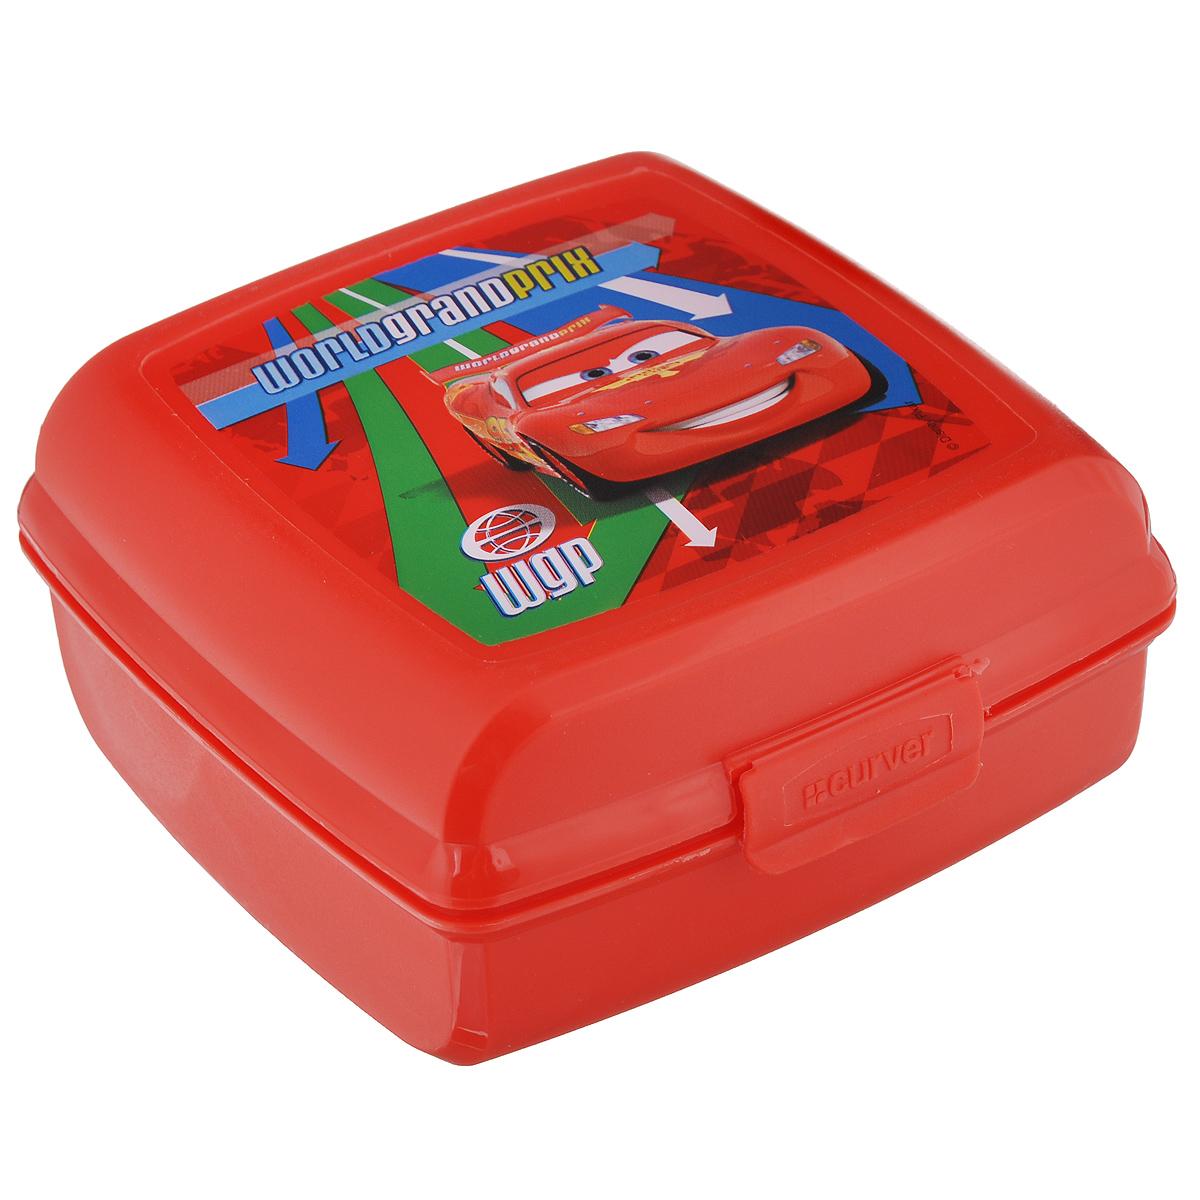 Емкость Curver Multisnap Disney, квадратная, цвет: красный, 0,6 л02276-С06-01_красныйCurver Multisnap Disney - это небольшая емкость, предназначенная для хранения мелких предметов. Выполнена из высококачественного пластика. Емкость имеет пластиковую защелку, предохраняющую содержимое от высыпания. Идеально подходит для хранения мелков, скрепок и других мелких предметов, для которых трудно найти надлежащее место в комнате. Также отлично подходит в качестве емкости для второго завтрака вне дома.